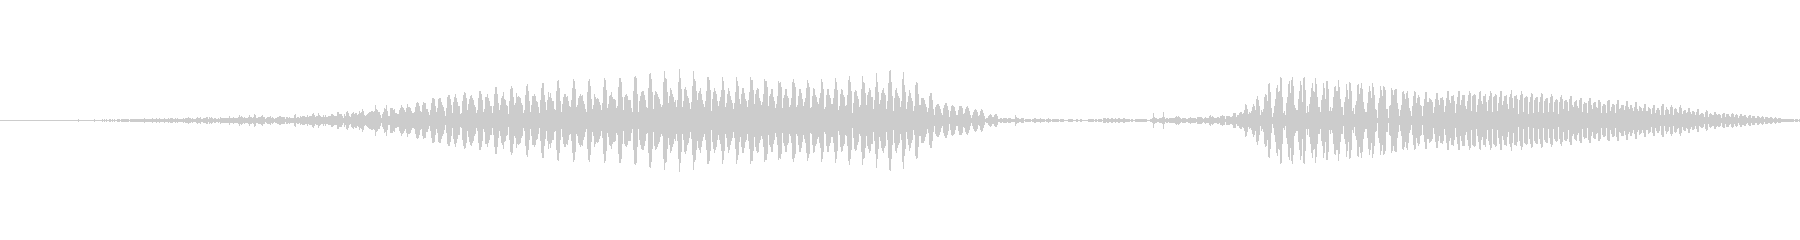 (女性)ドイツ語数字7(七) ズィーベンの未再生の波形